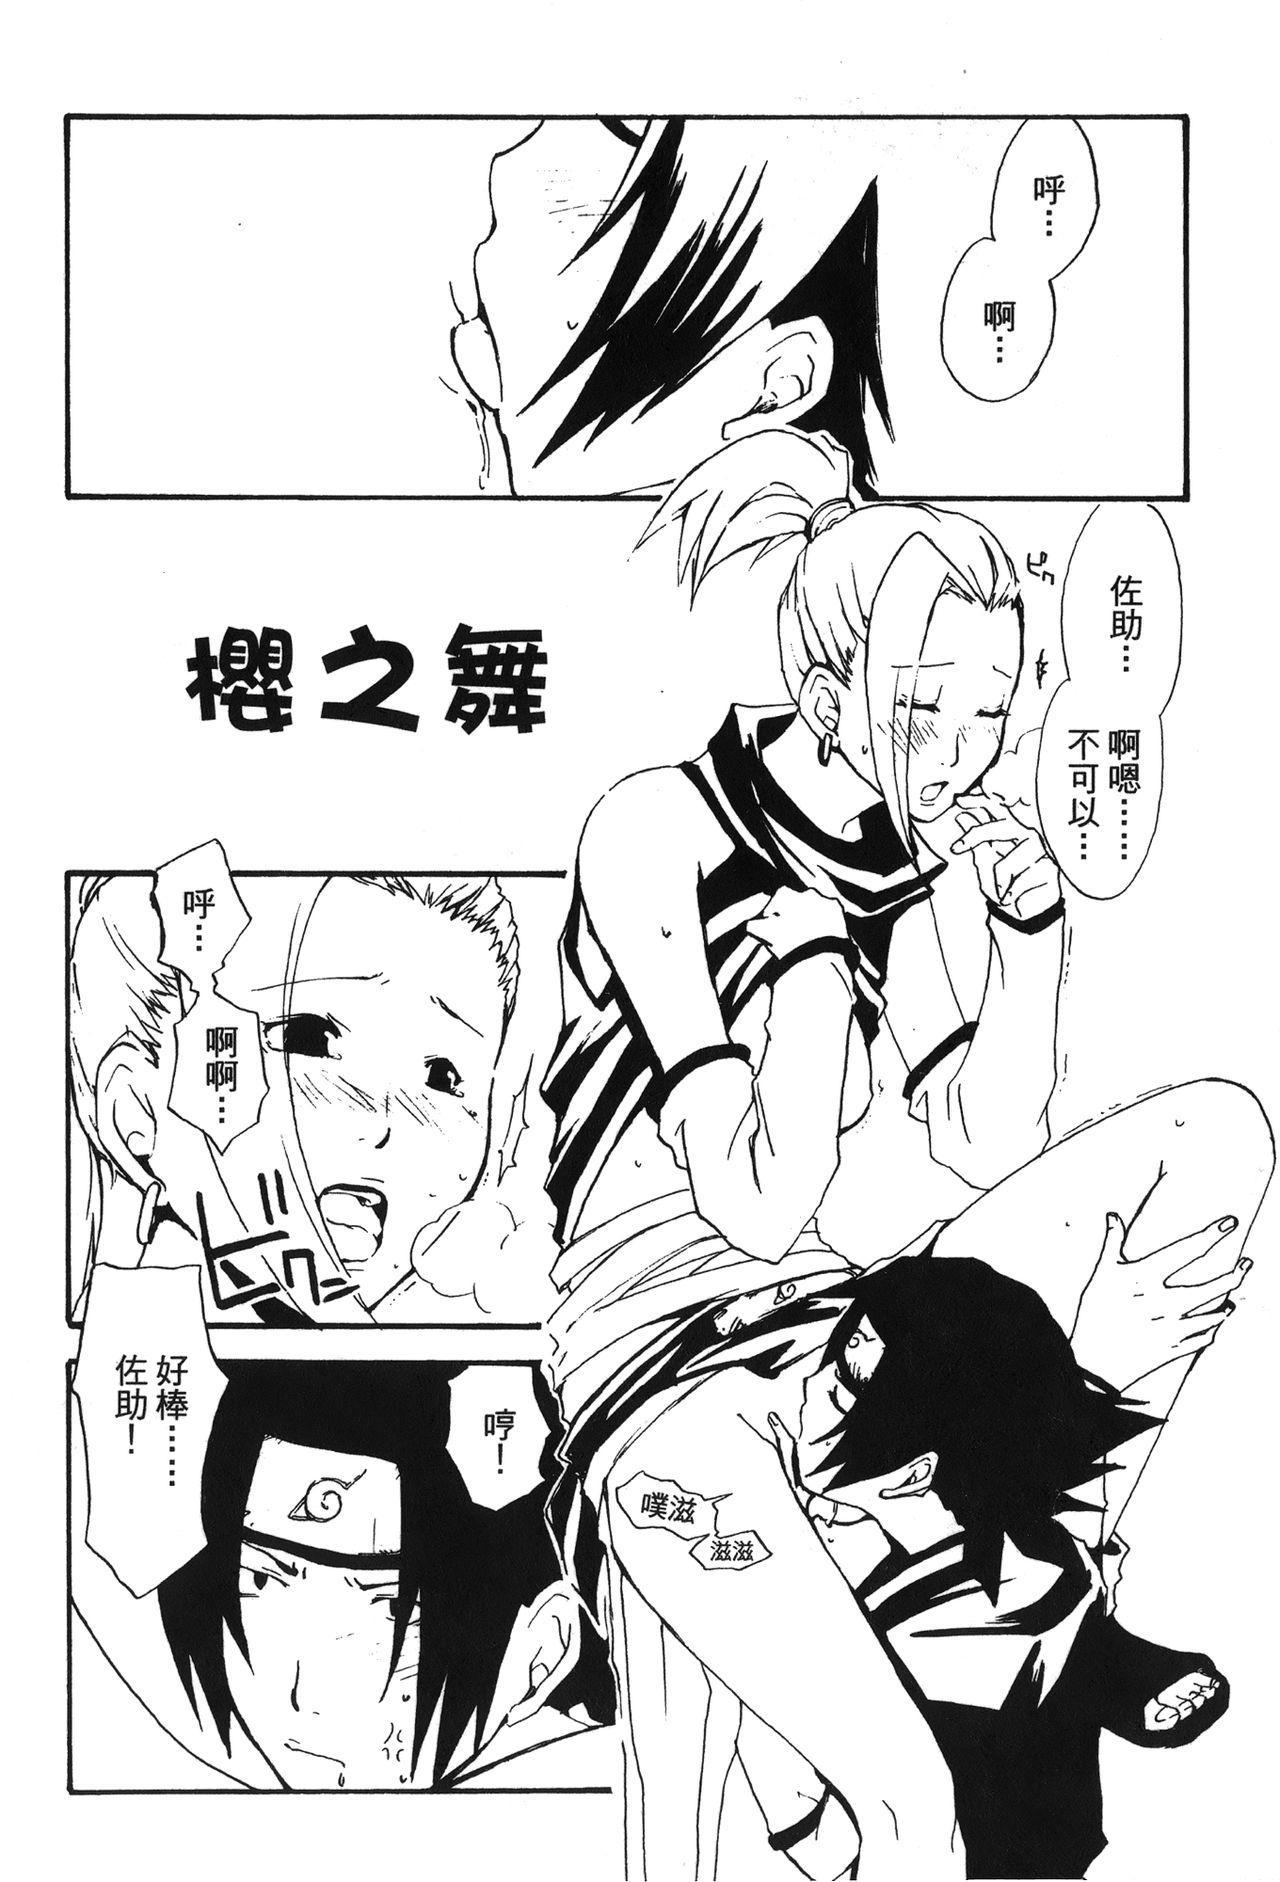 naruto ninja biography vol.02 54